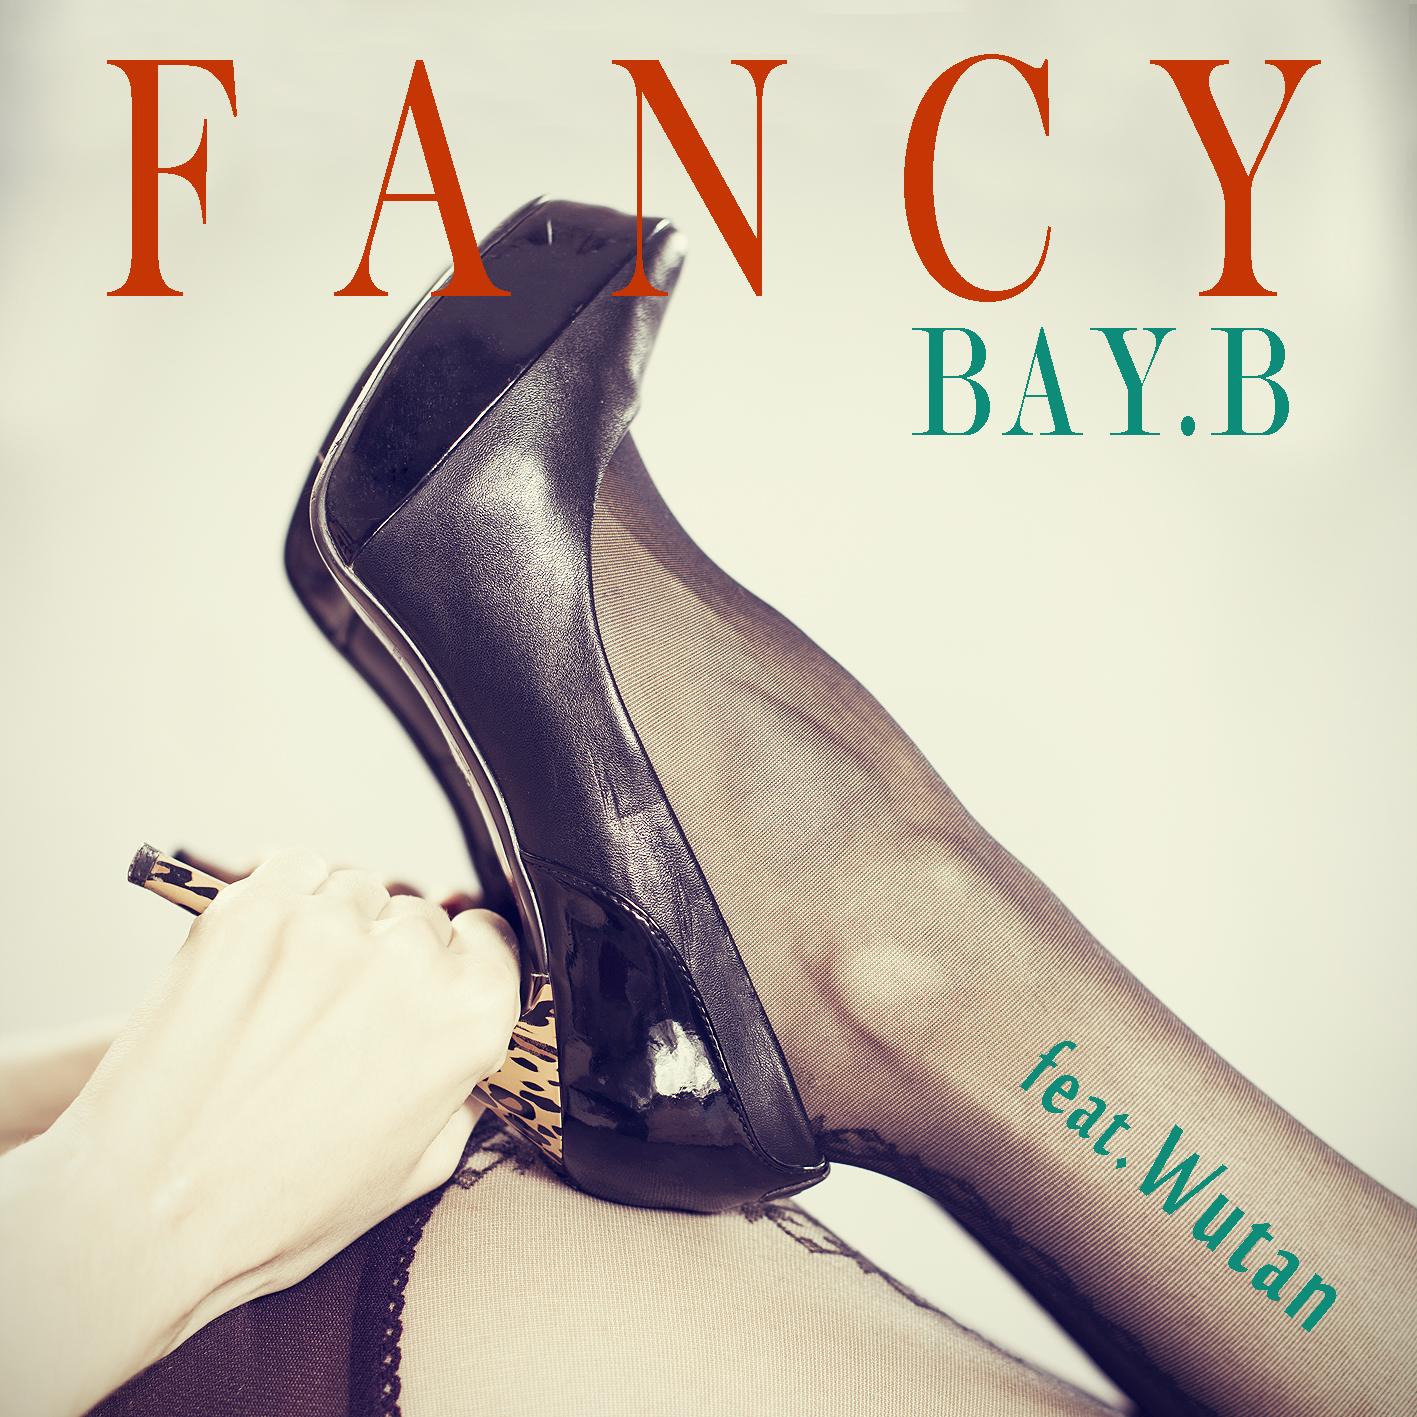 20170329.1656.1 Bay.B - Fancy cover.jpg